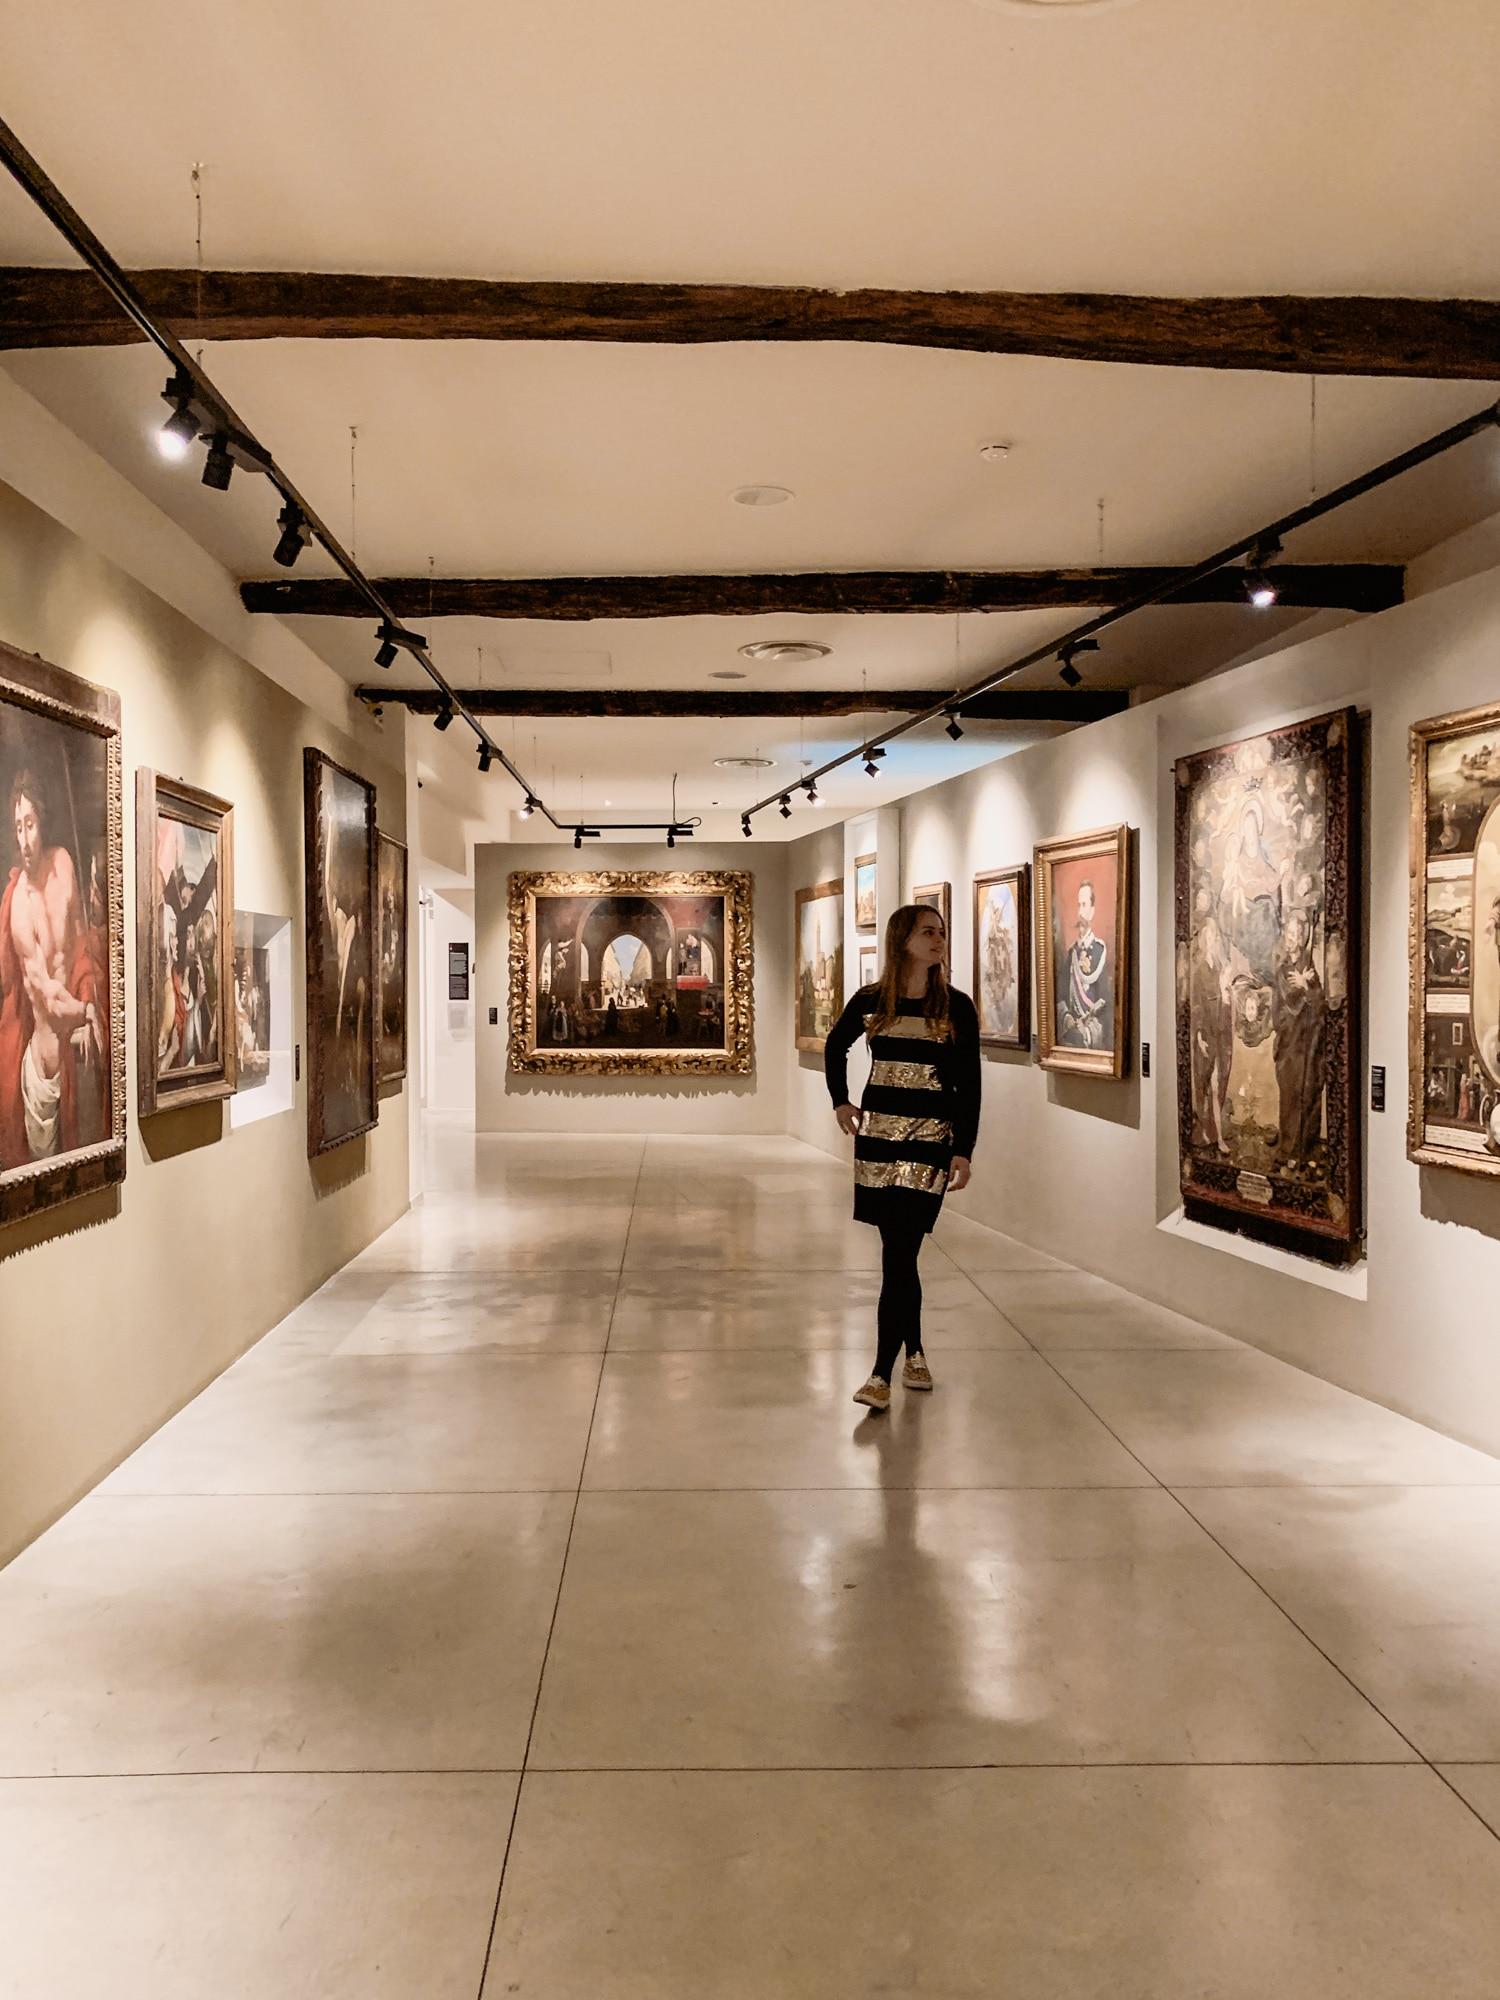 Monza und Brianza: Sehenswürdigkeiten und Highlights in der Lombardei - Musei Civici Monza